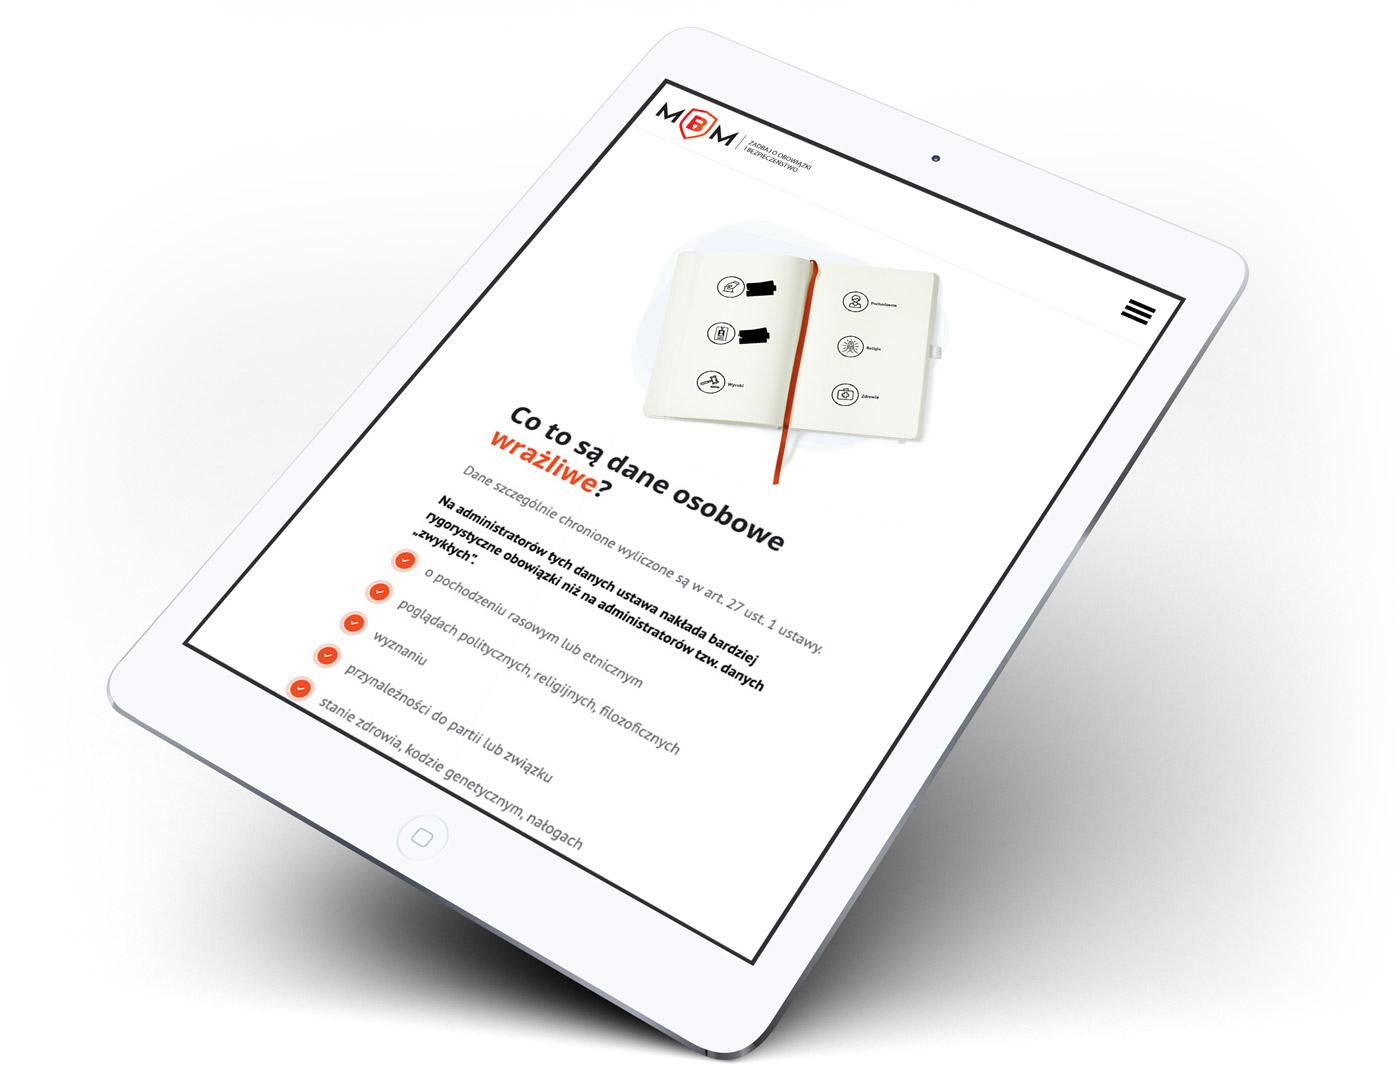 Anonimizacja - design strony longpage na tablecie